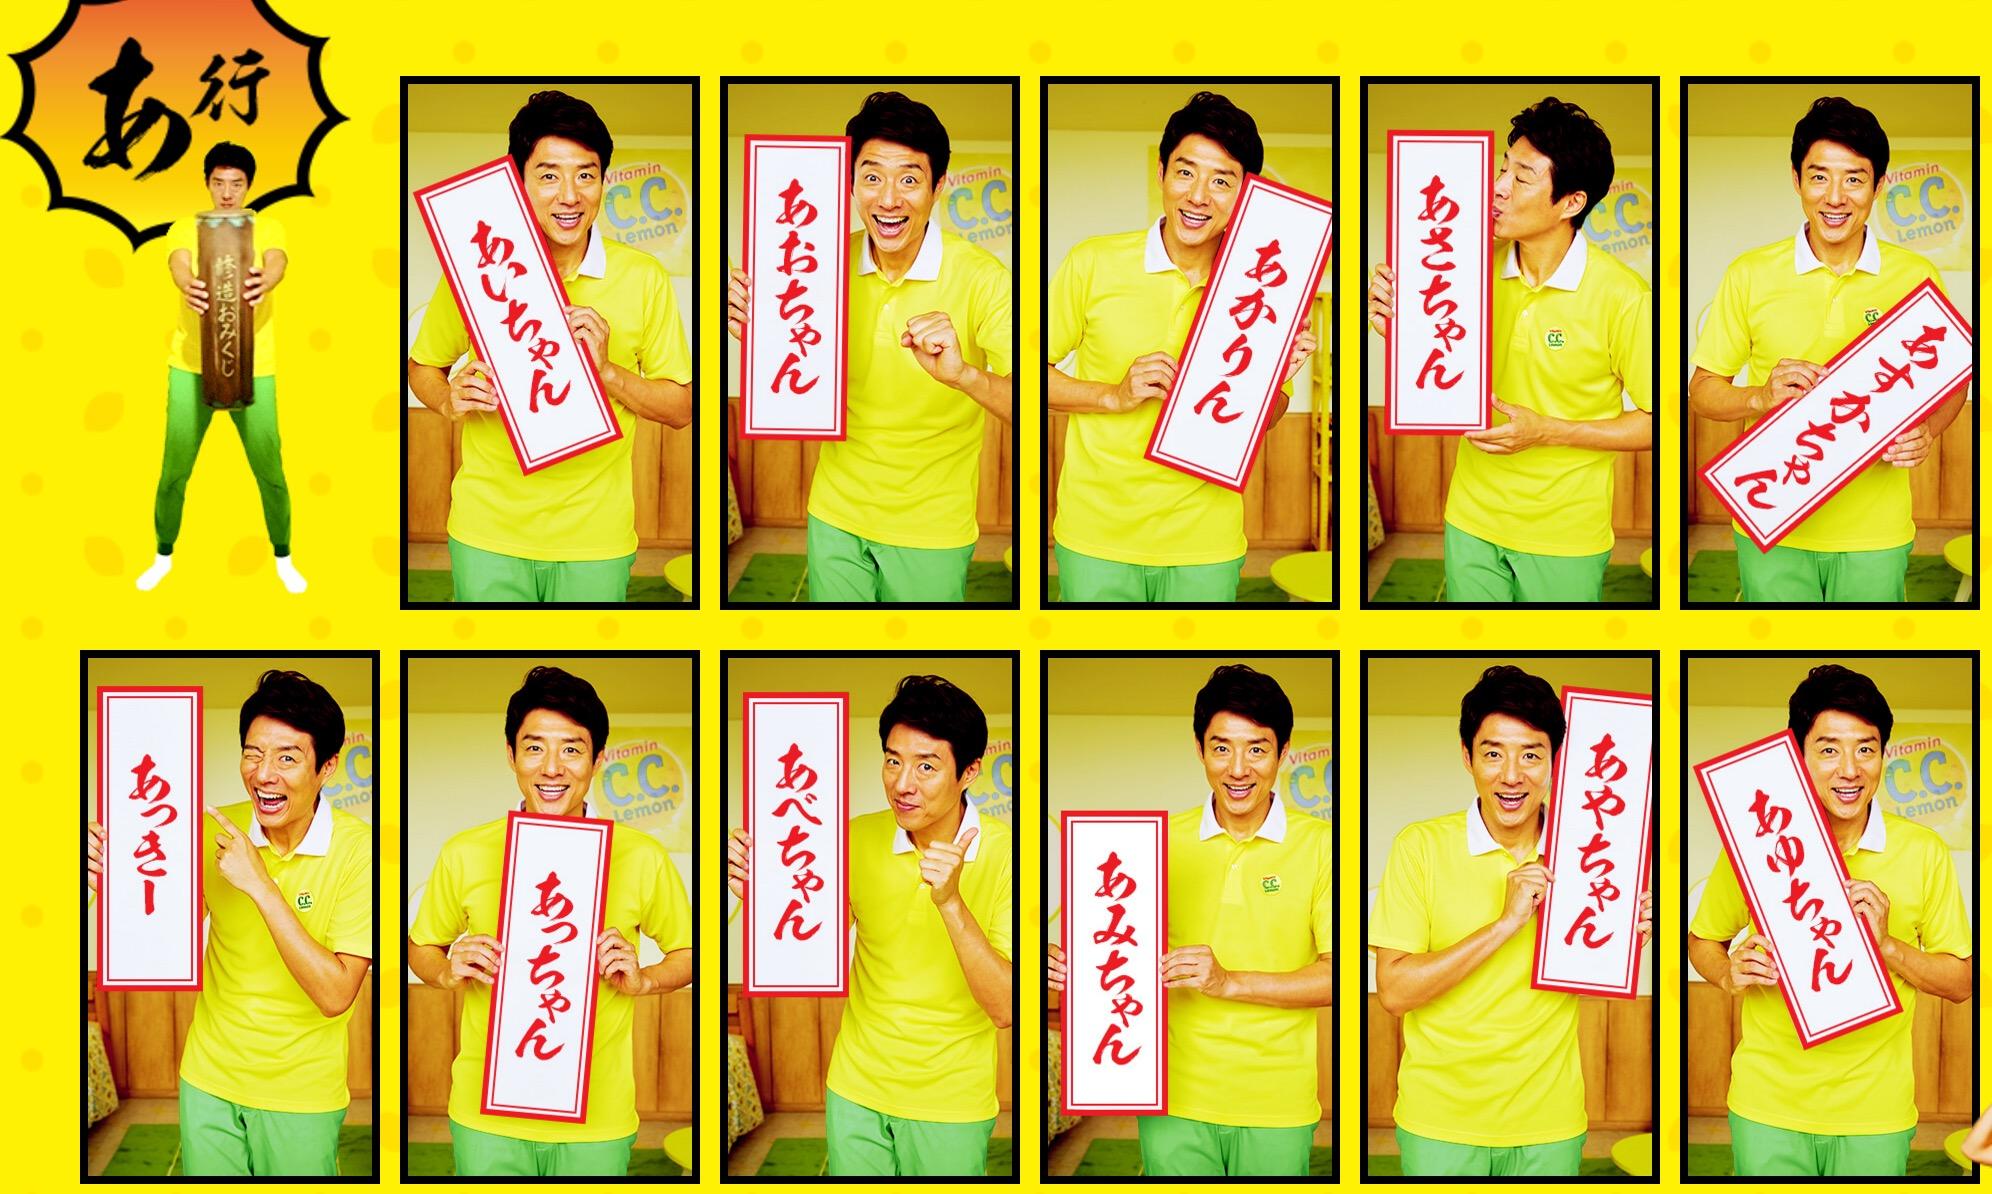 【感動】松岡修造が「あなた」に励ましの言葉をくれる!あまりにも良い言葉たちに、不覚にも泣いた。。